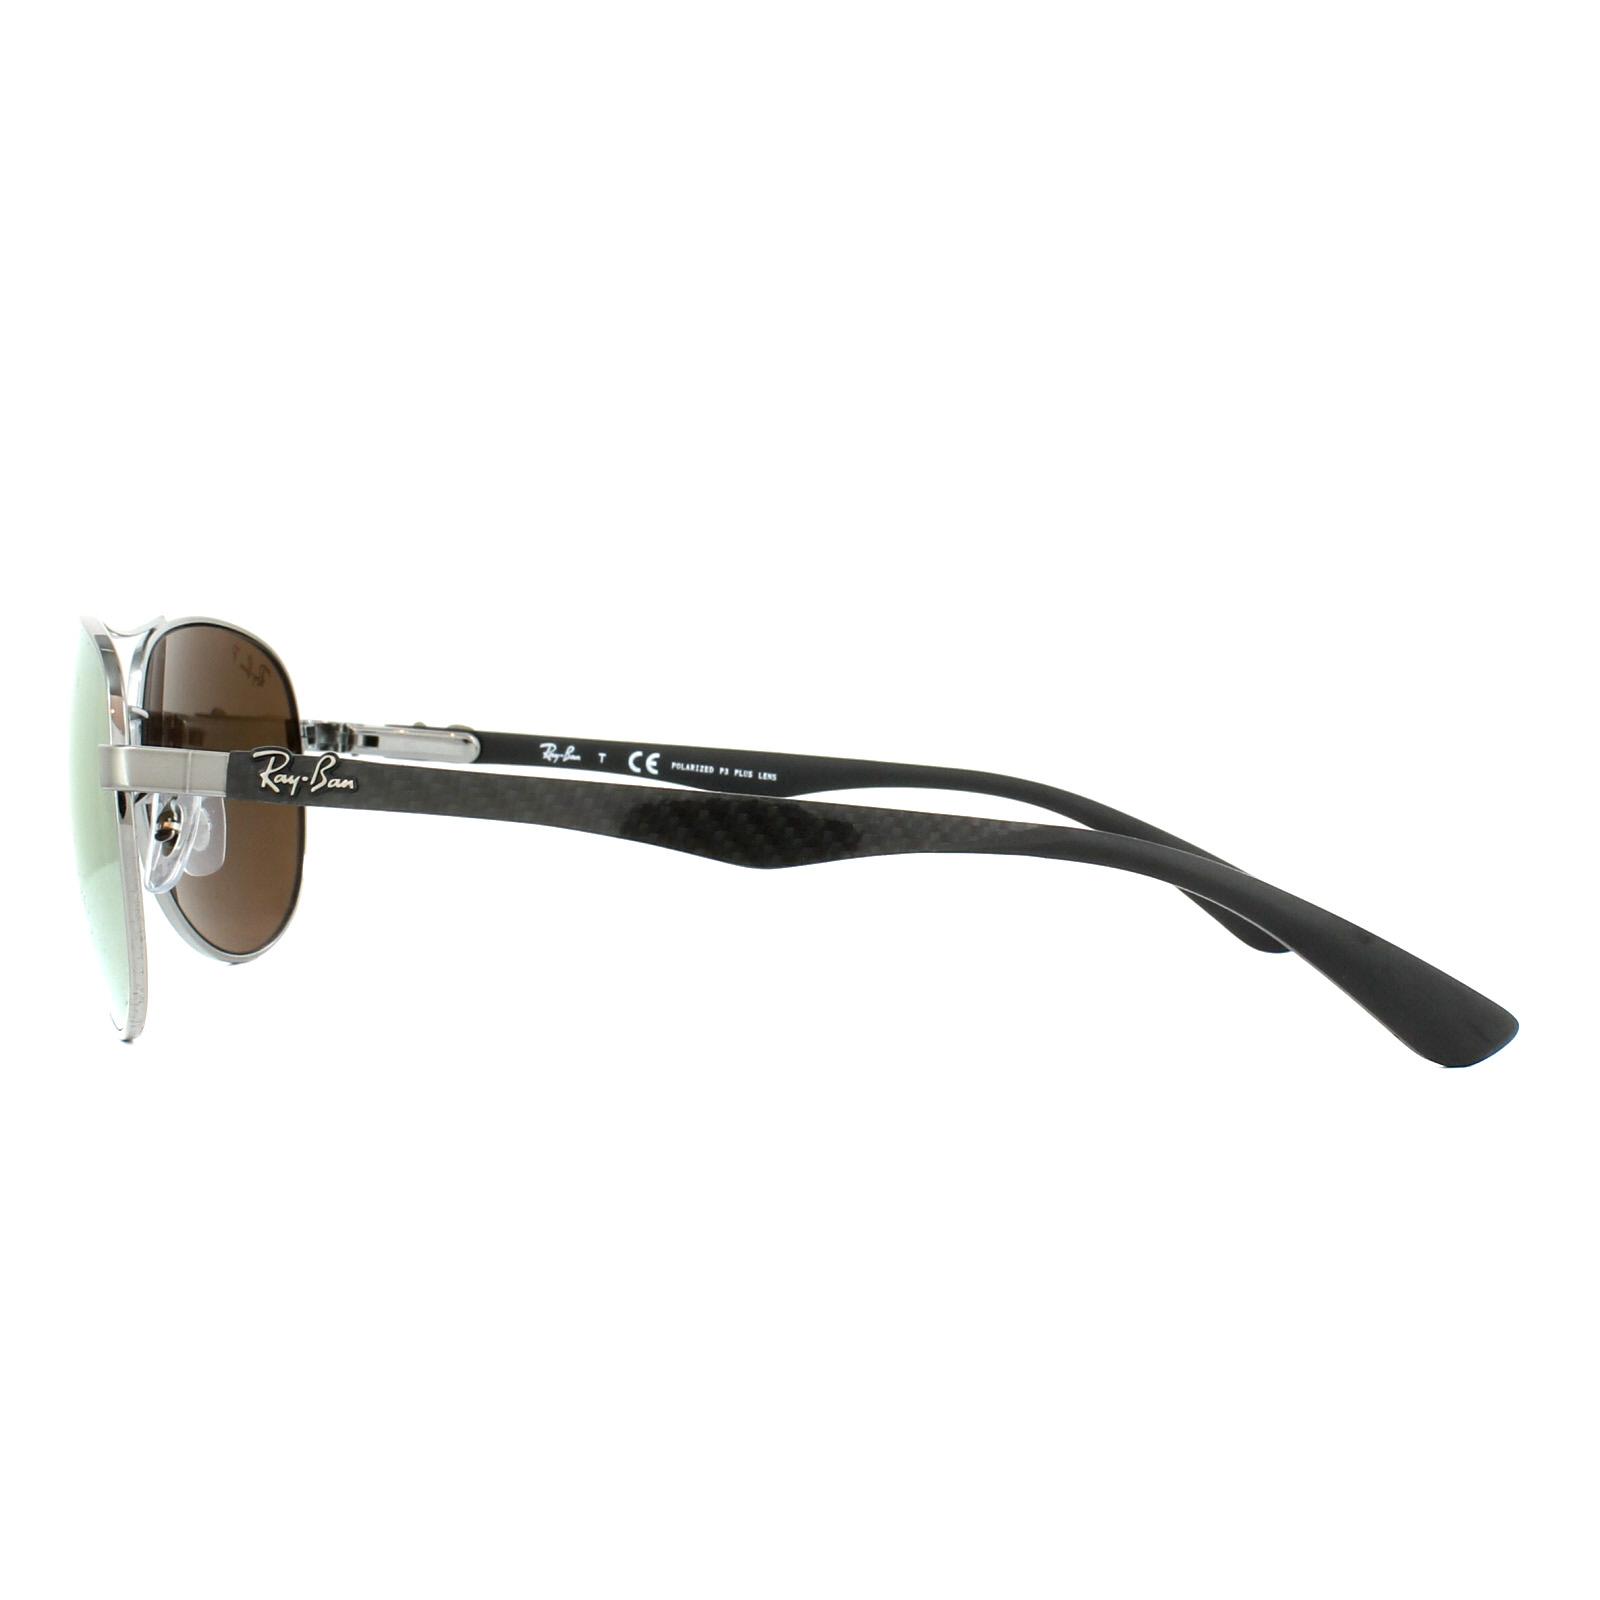 fa1eec9af78 Sentinel Ray-Ban Sunglasses 8313 004 N3 Gunmetal Polarized Gold Mirror